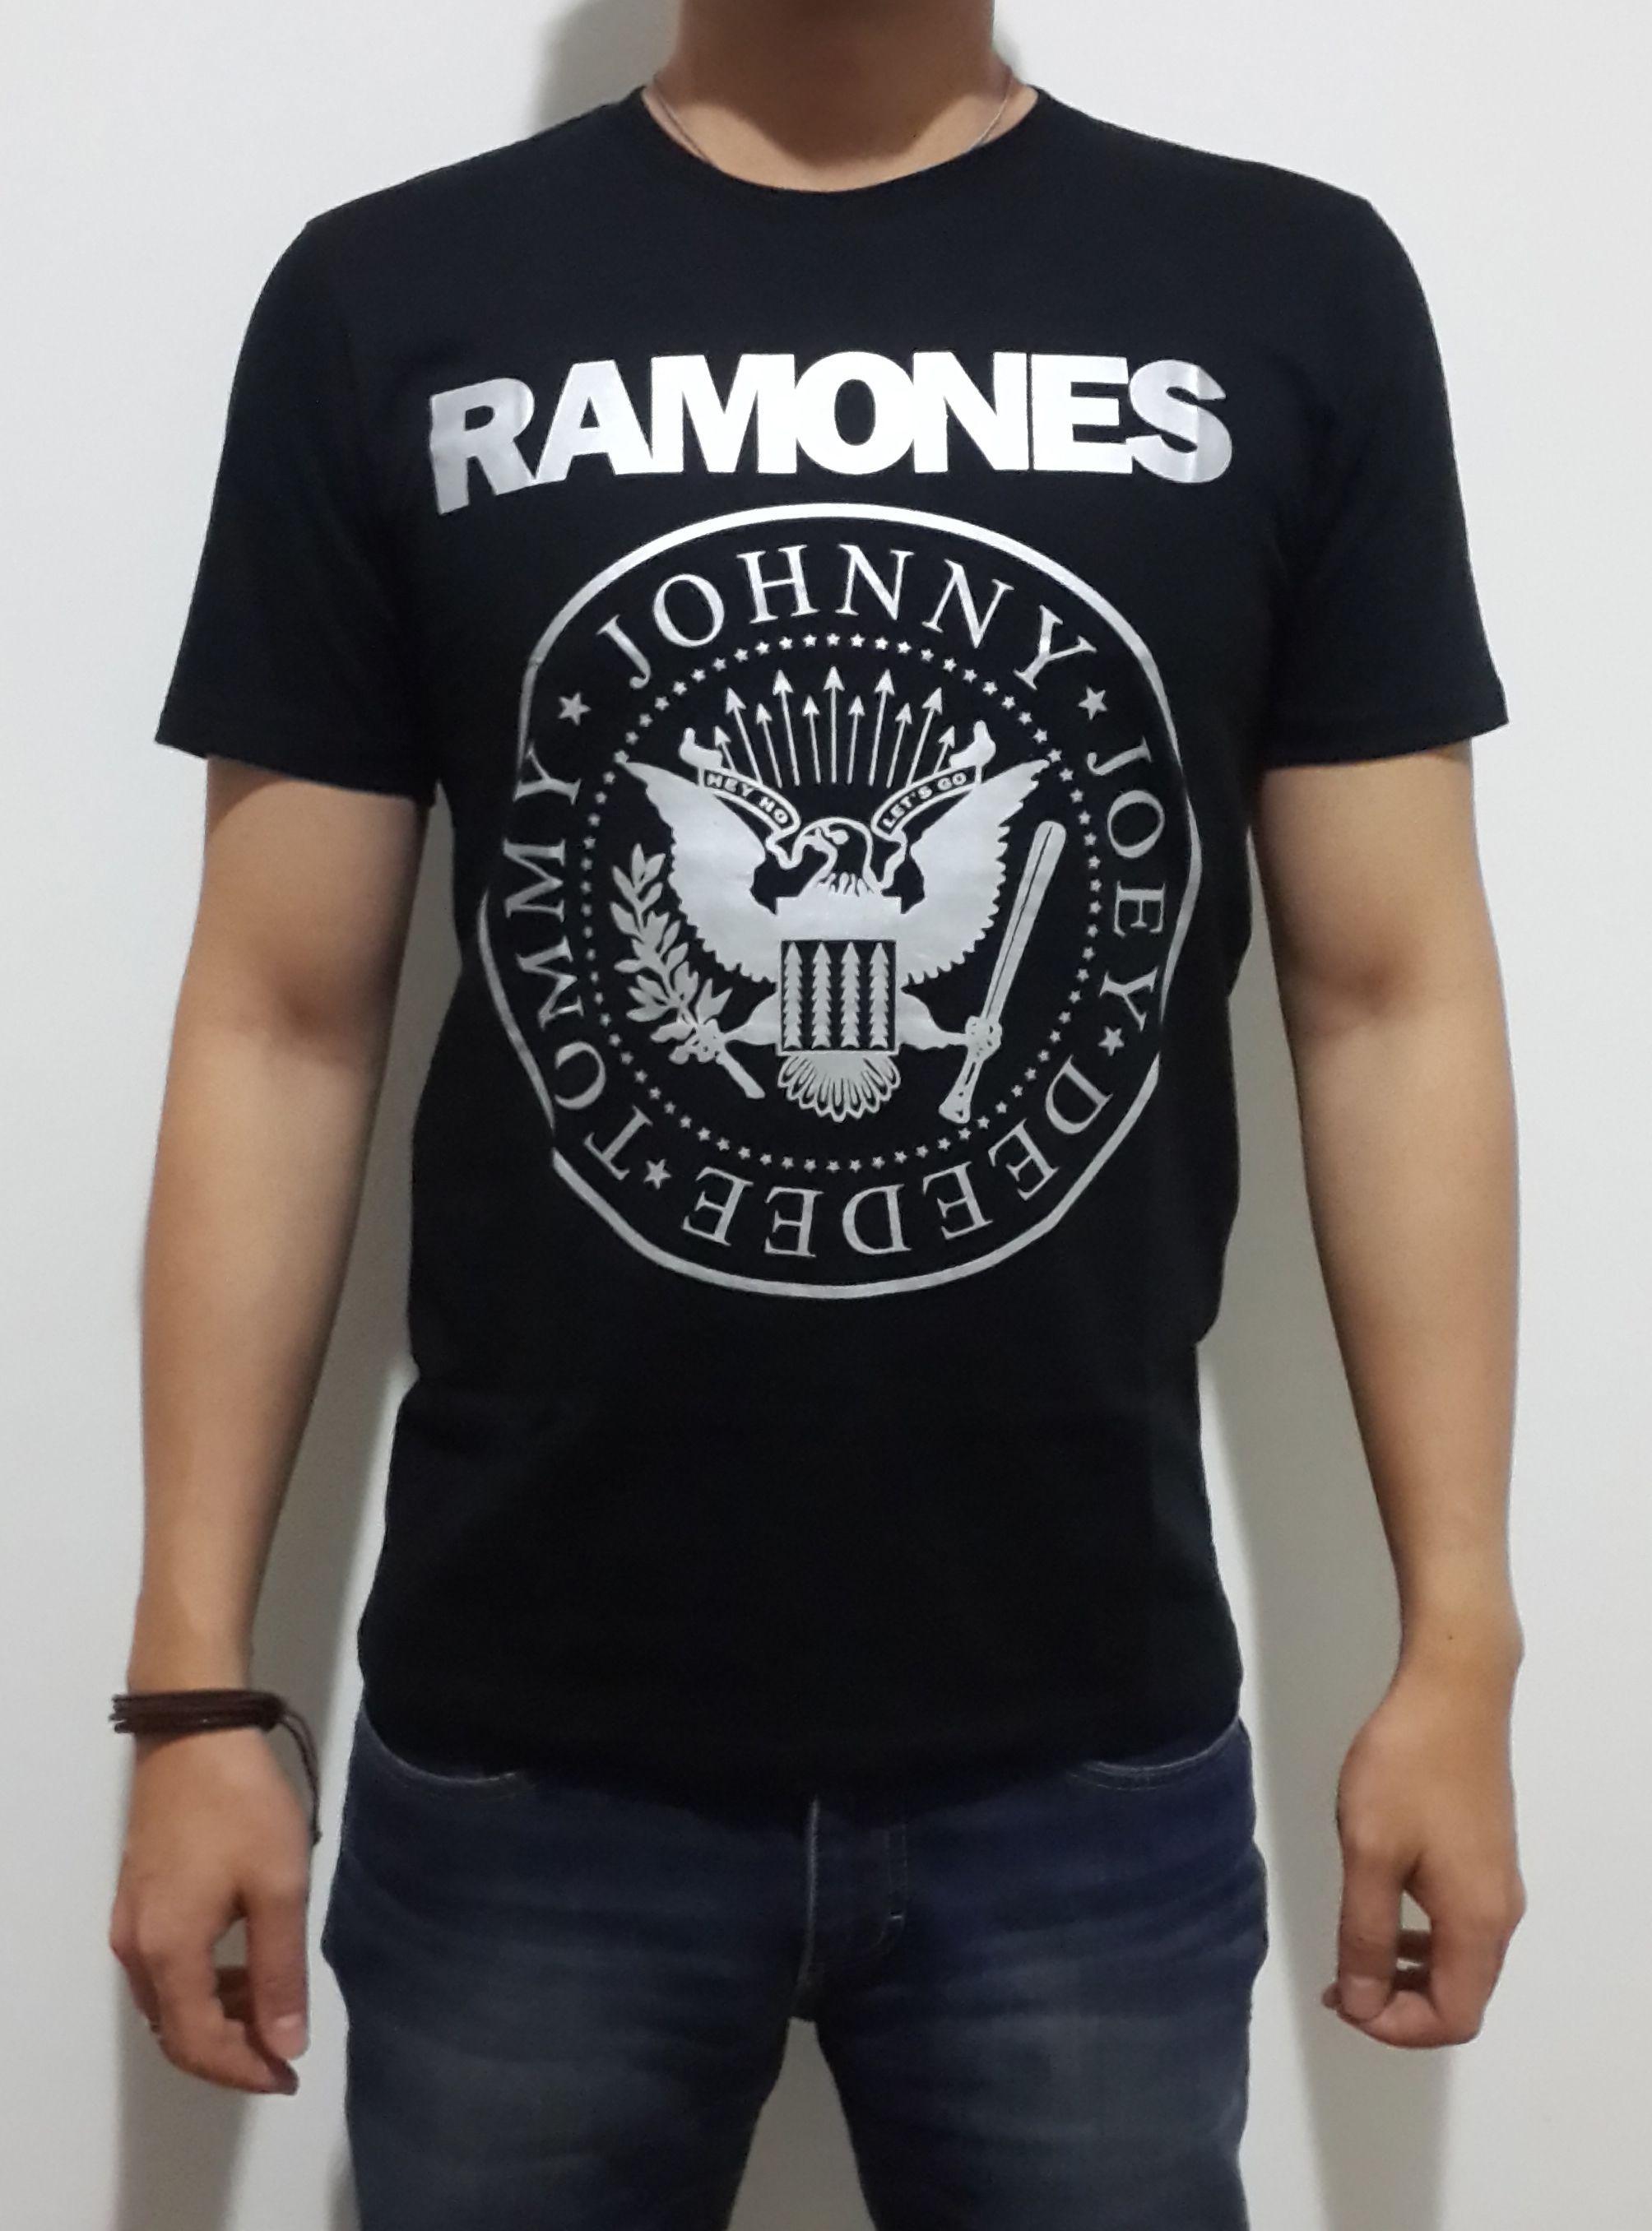 be25d10af8f5d7 RAMONES siapa sih yang gak kenal RAMONES  gegedug band punk rock yang  berjaya pada masanya